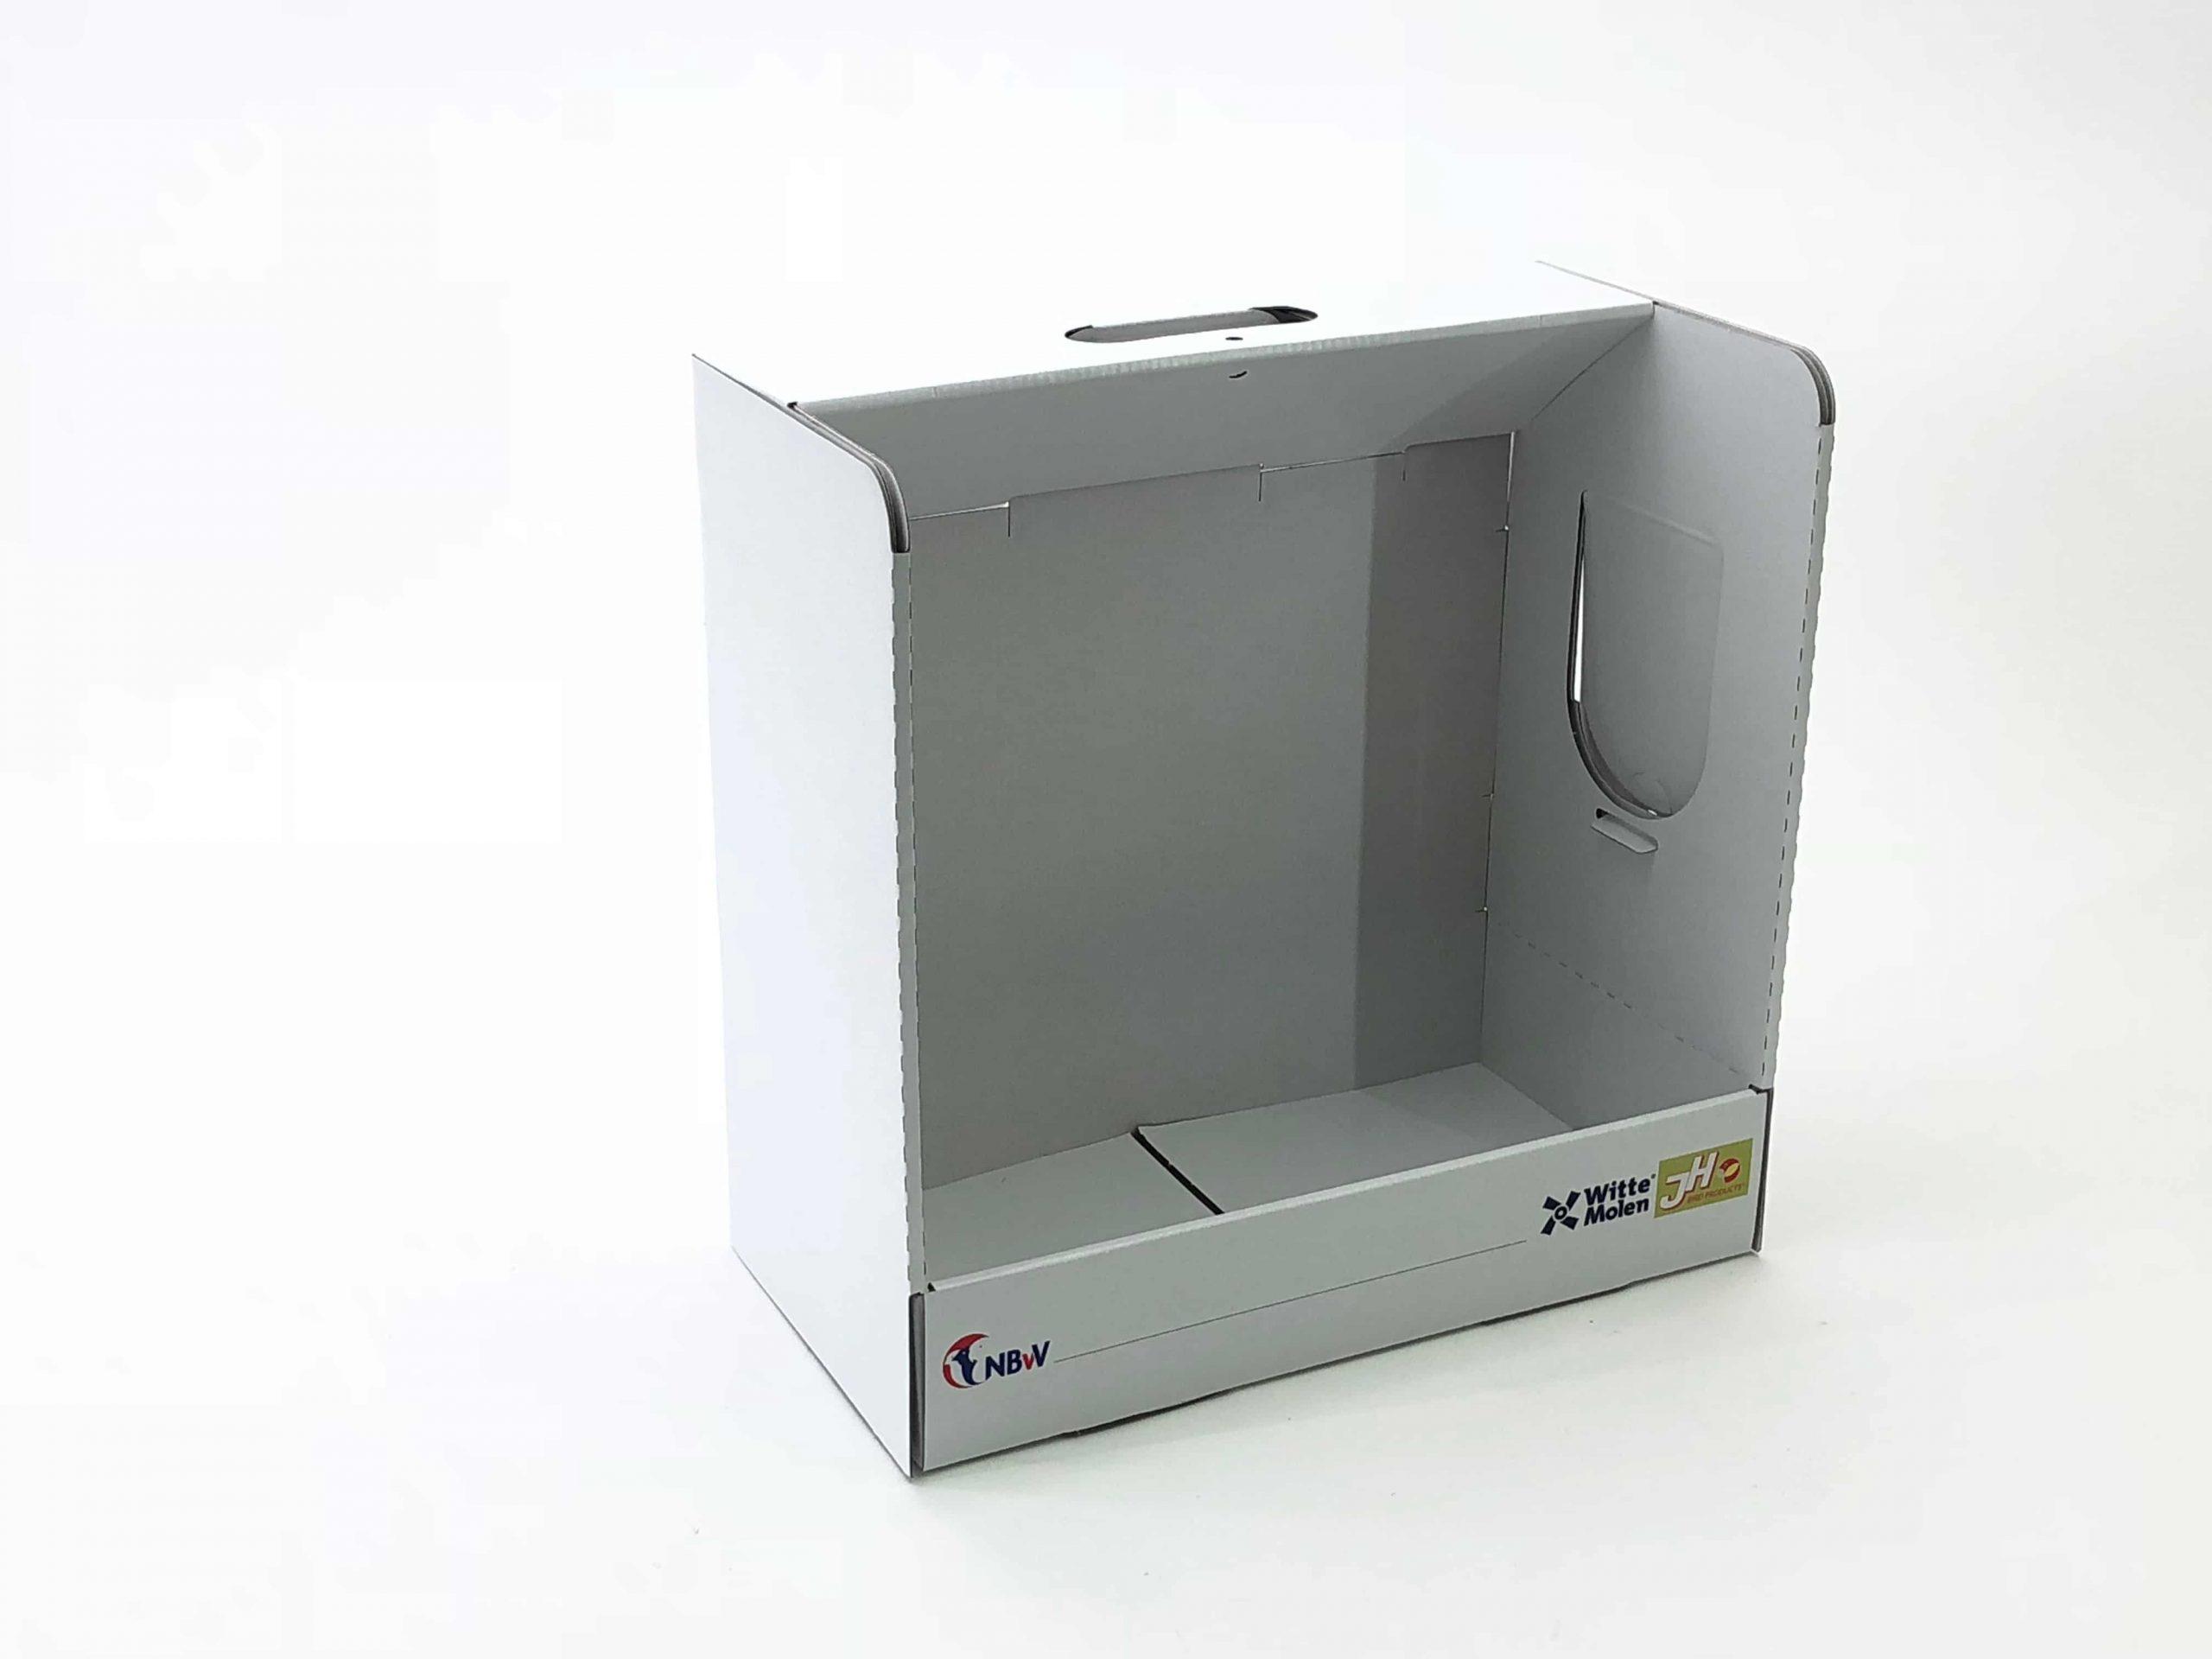 JH kartonnen tt-kooien & onderbakken vanaf €0,99